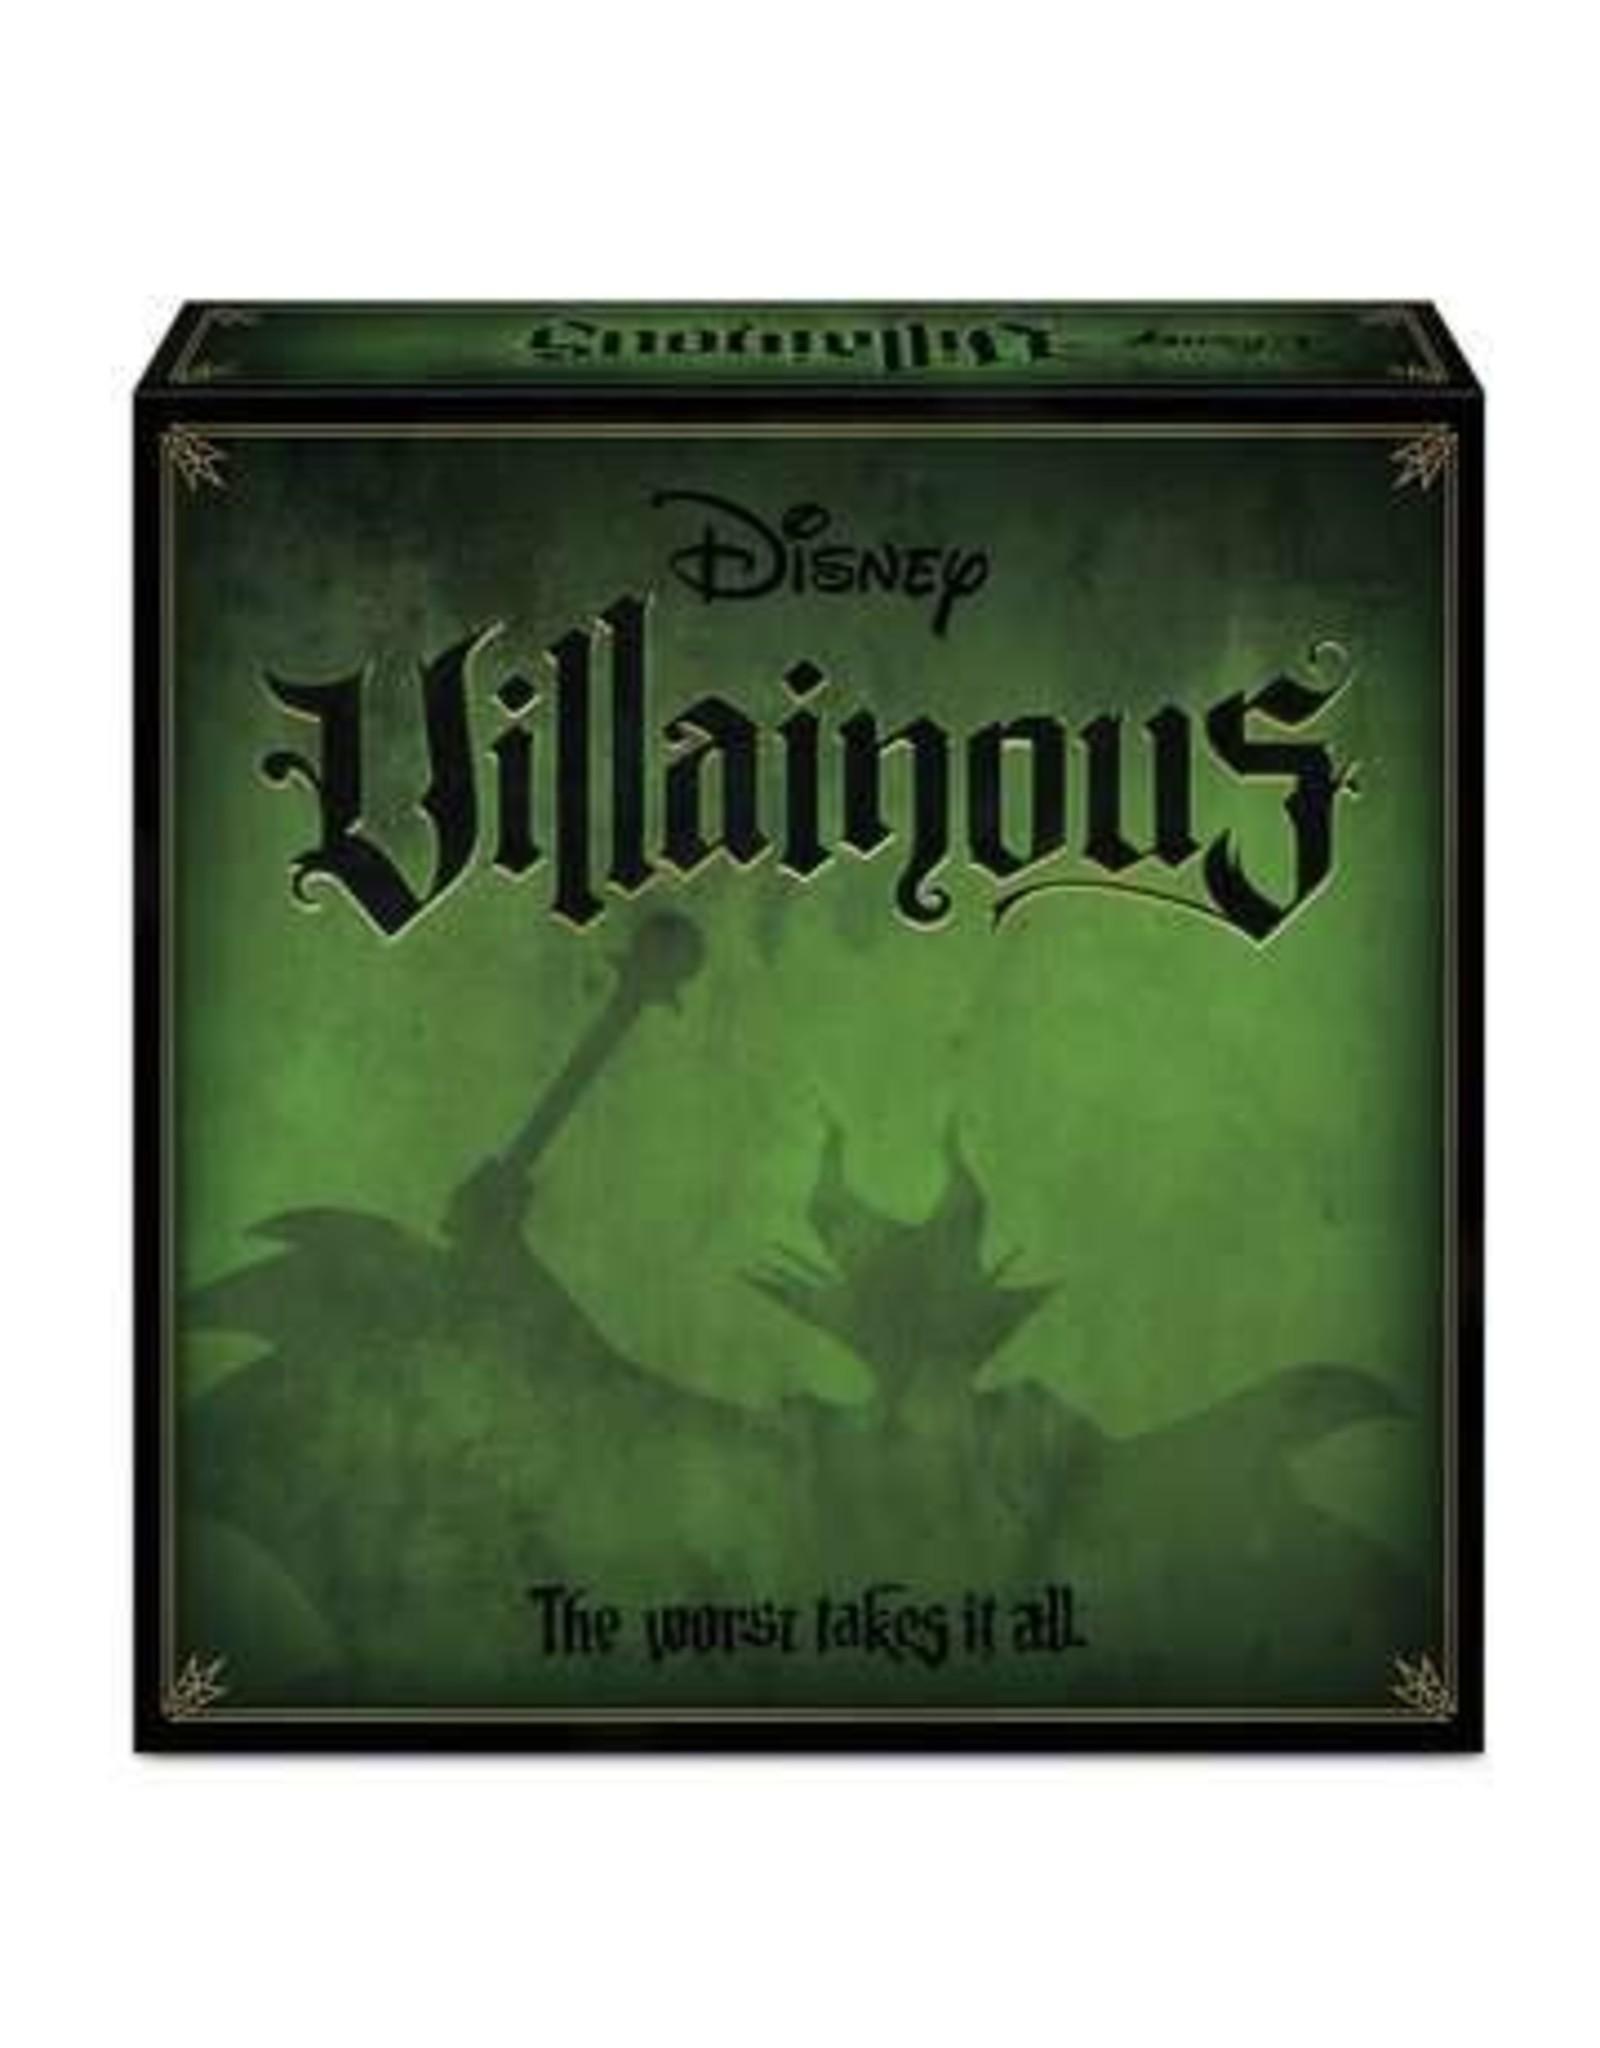 Ravensburger Disney Villainous: The Worst Takes It All